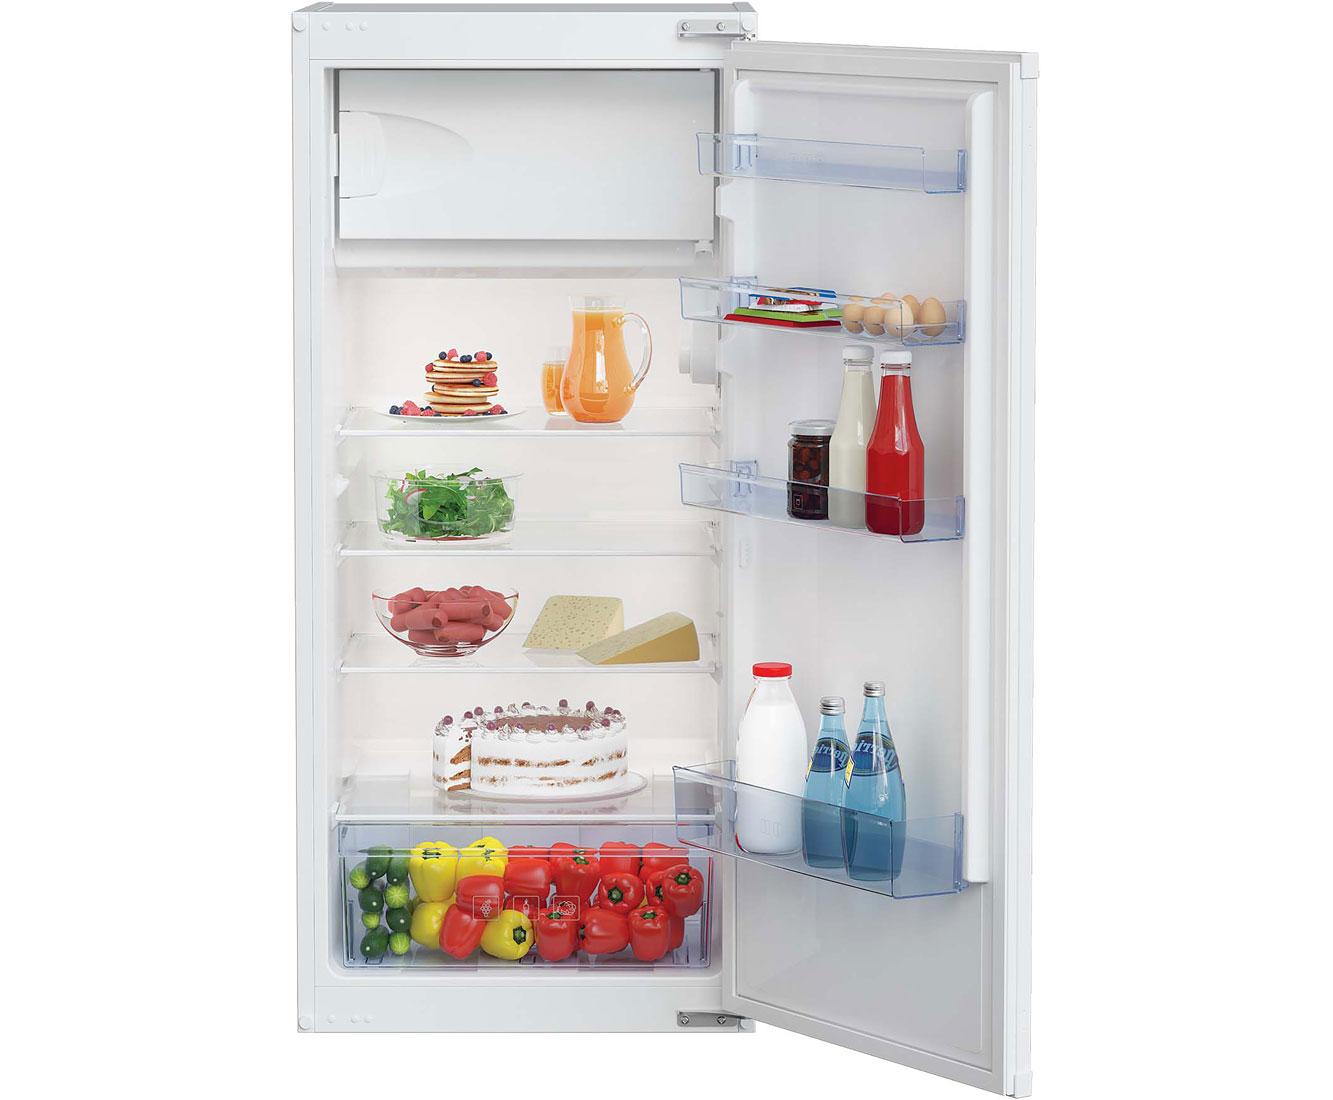 Bosch Kühlschrank Macht Komische Geräusche : Gorenje kühlschrank macht komische geräusche trockner gorenje d a